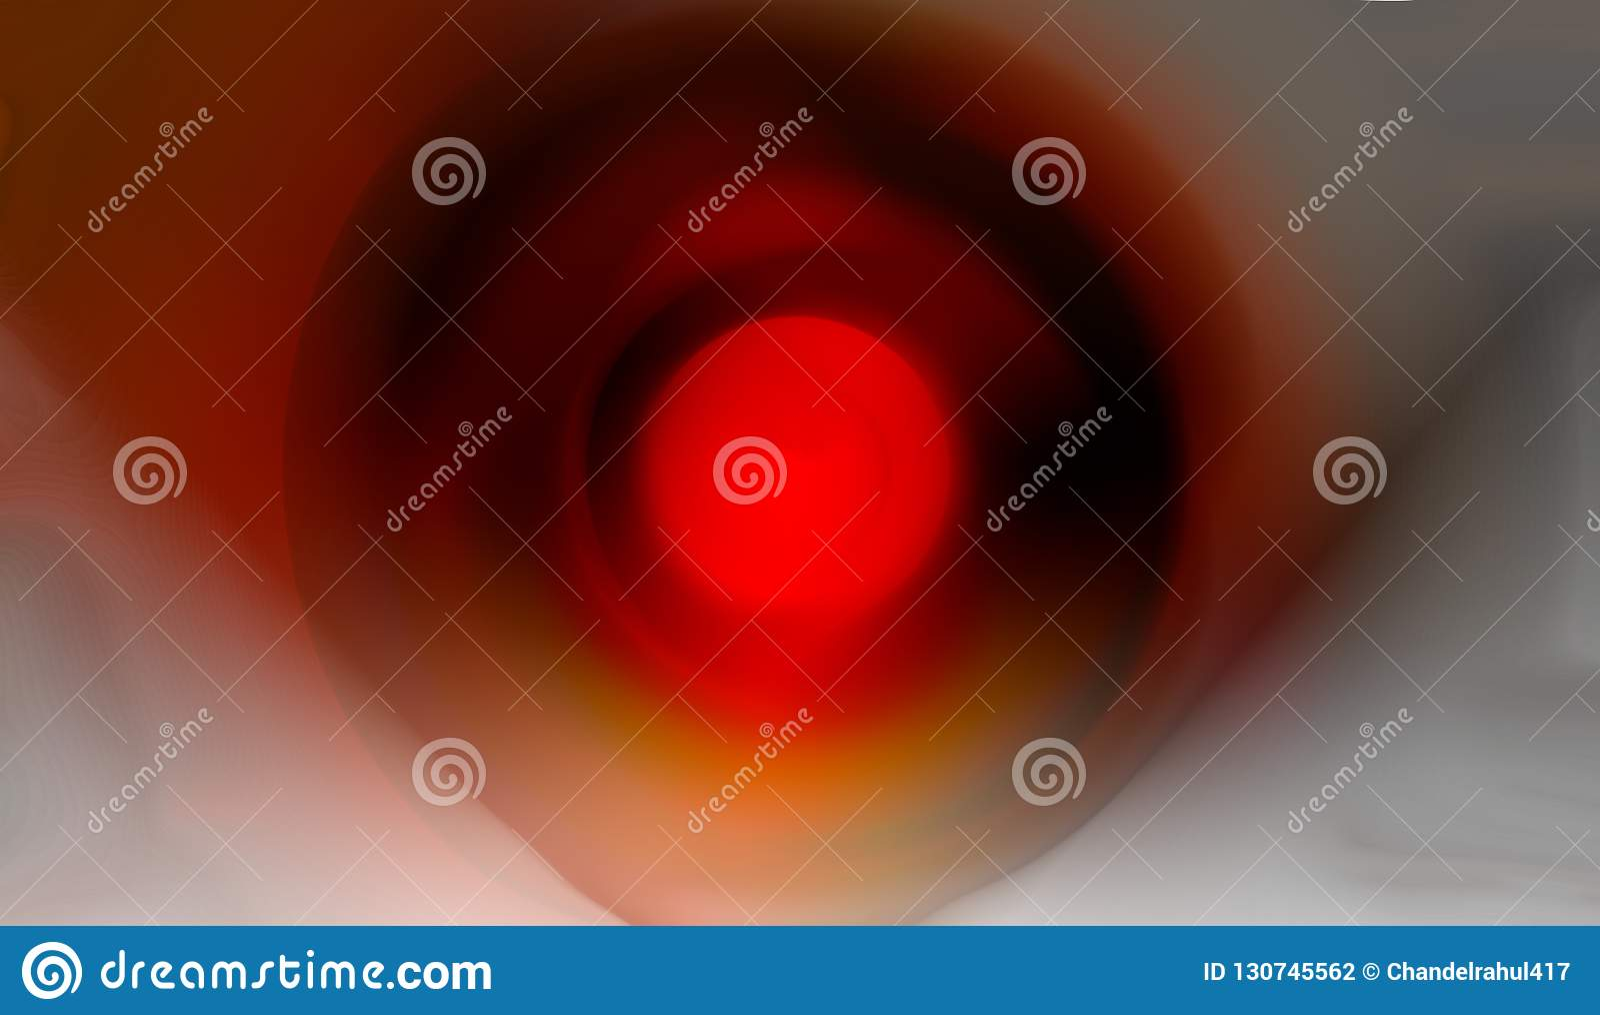 Papier peint ombragé rouge foncé et par wite brouillé jaune de fond illustration vive de vecteur de couleur